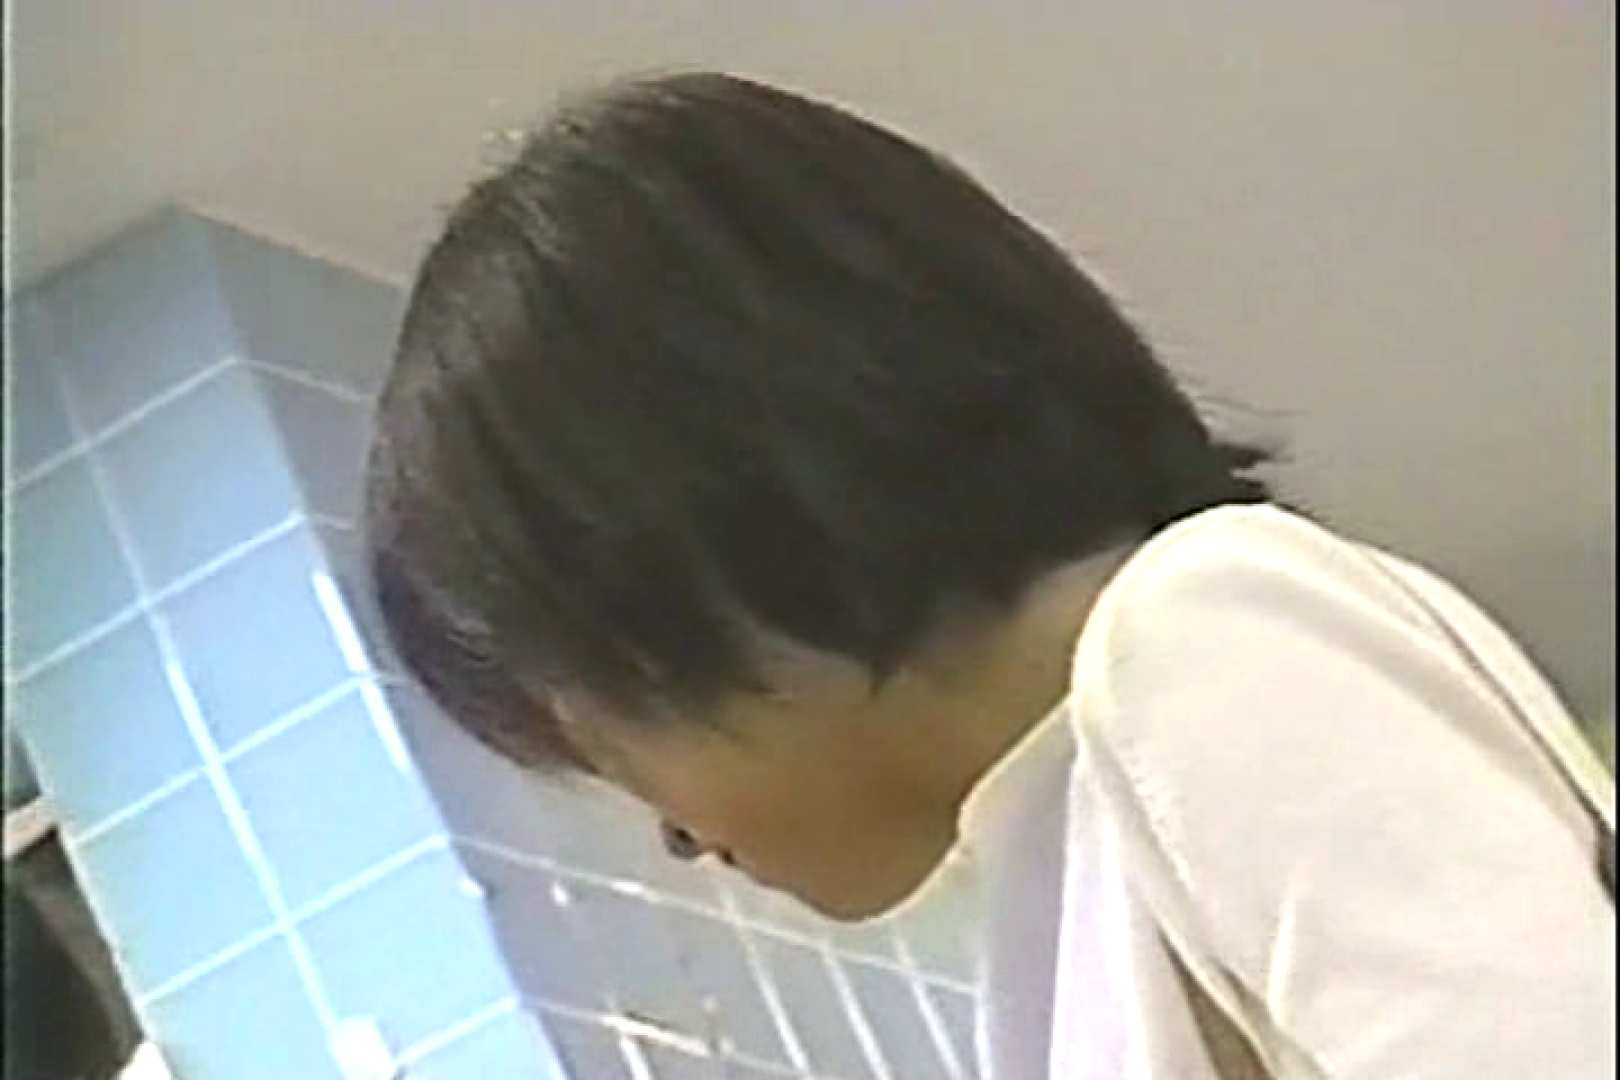 「ちくりん」さんのオリジナル未編集パンチラVol.3_01 チラ 盗撮おめこ無修正動画無料 100画像 39